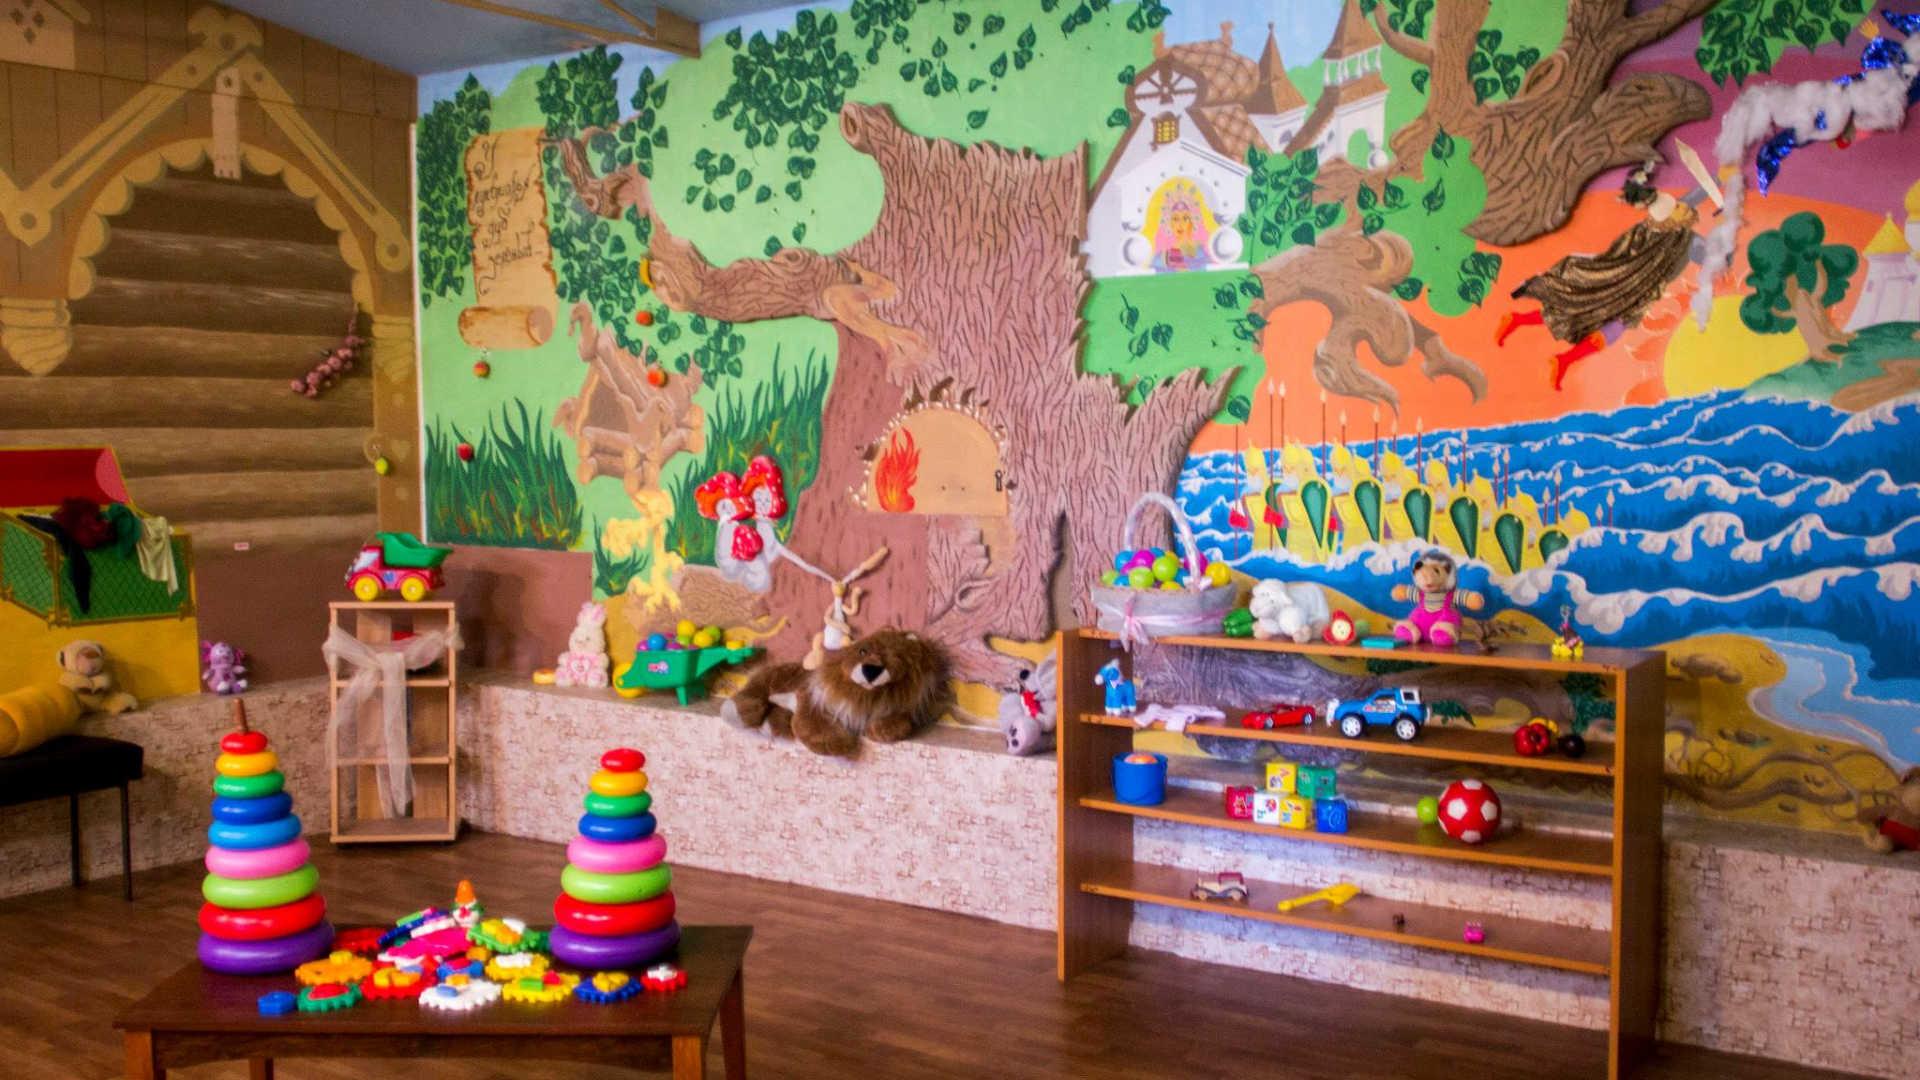 Квест-игра сценарий для детей в детском саду